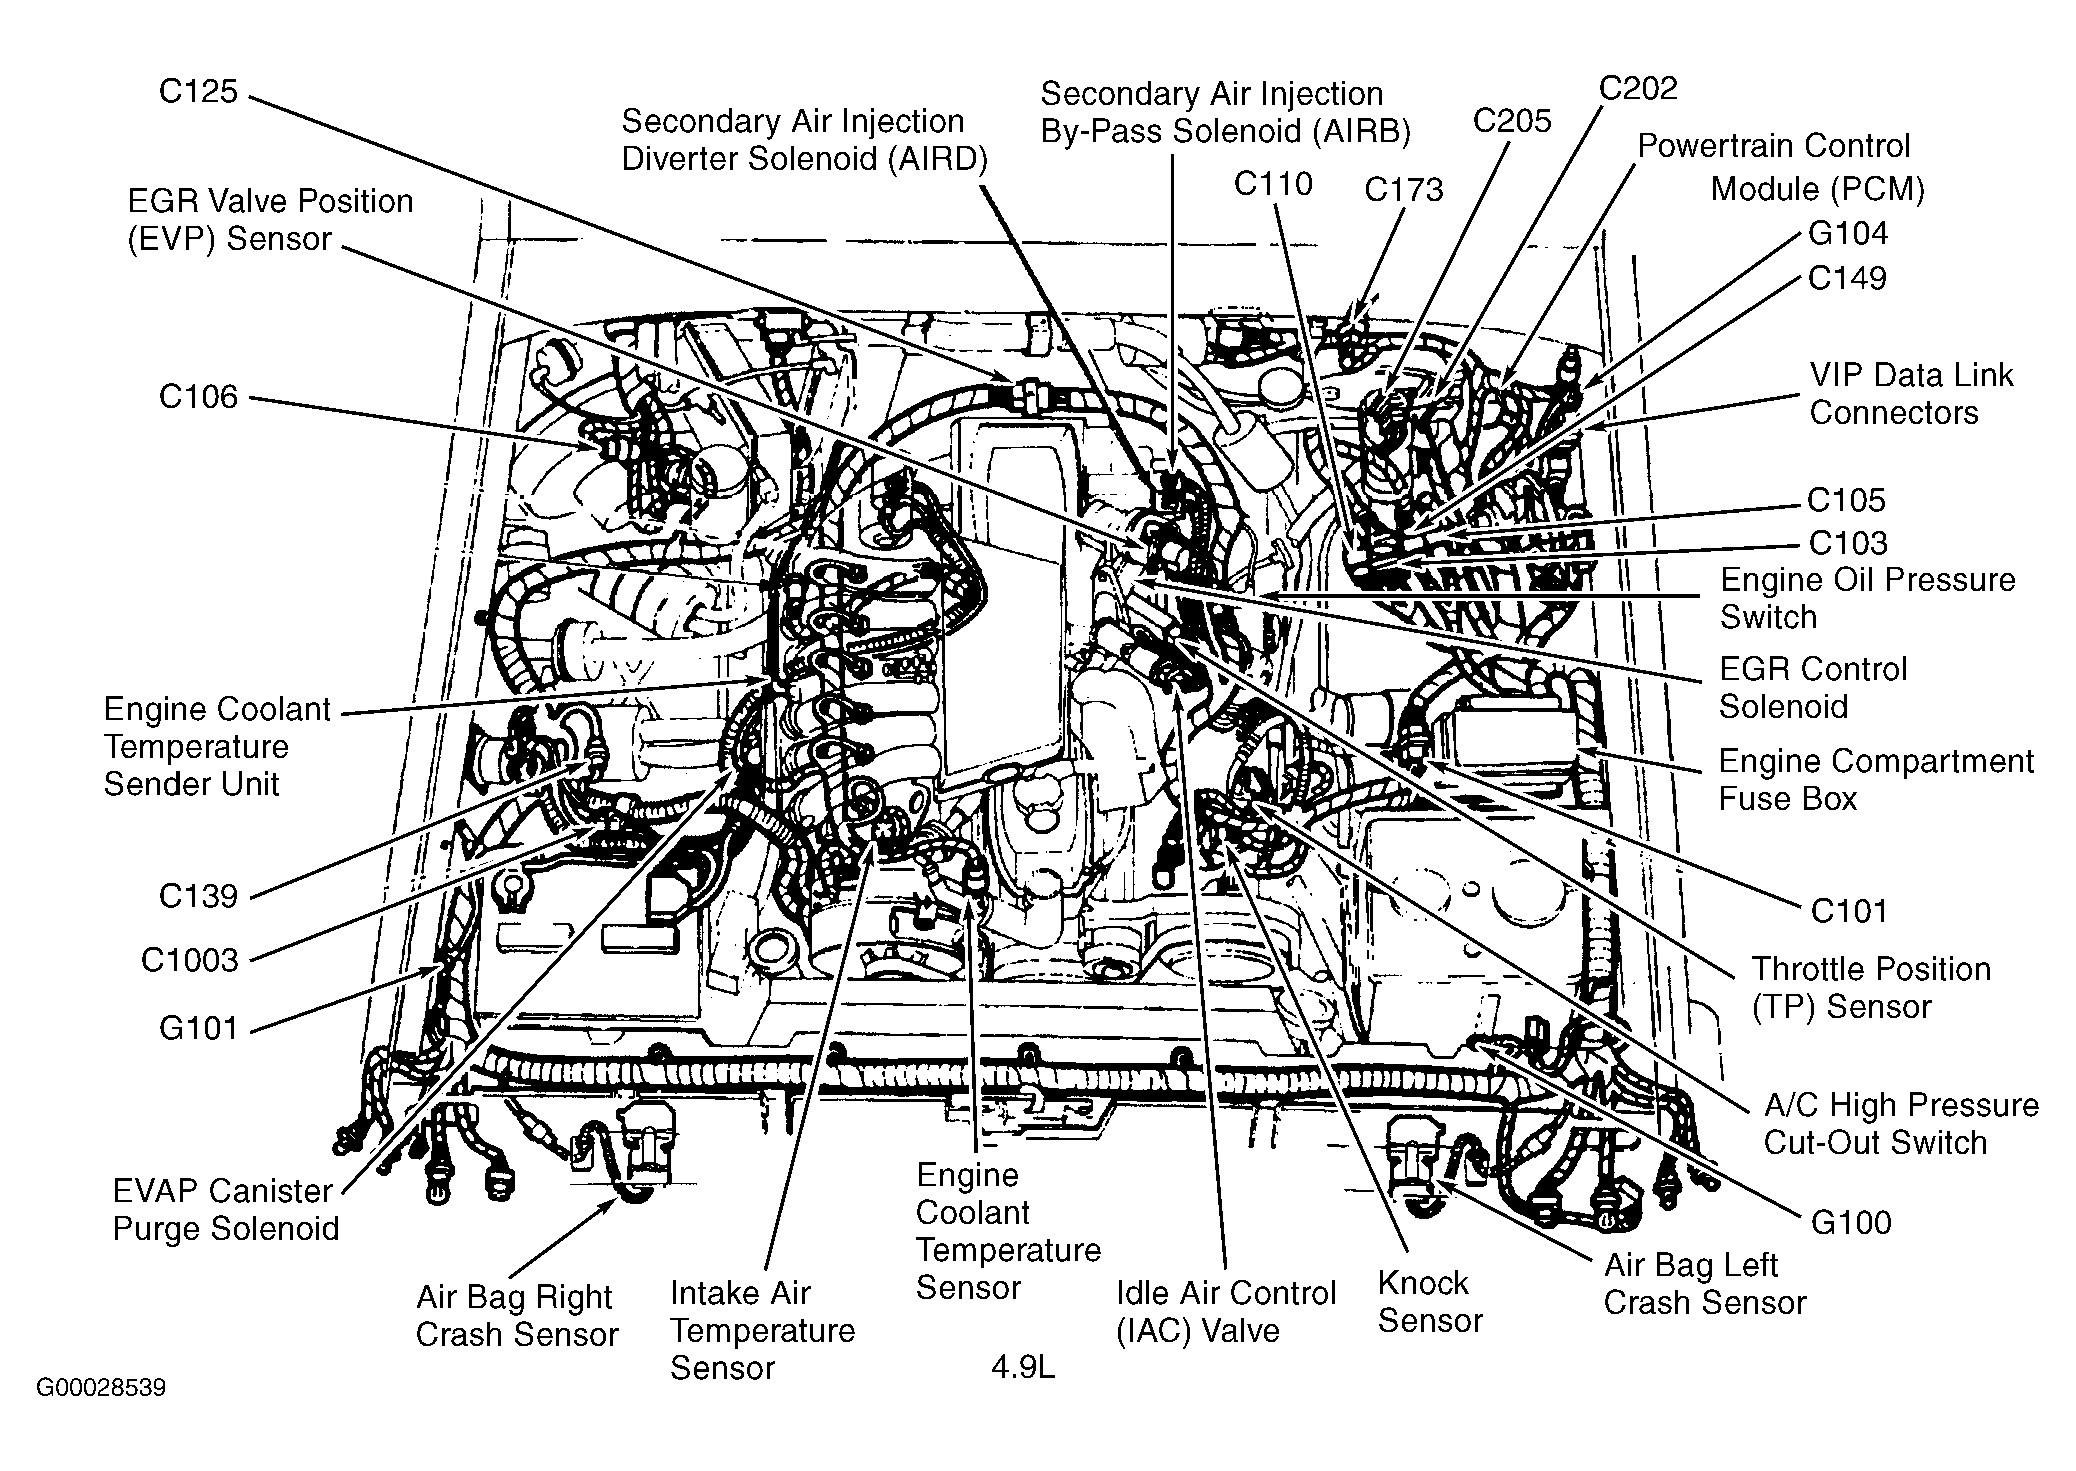 1986 ford F150 Under Hood Diagram ford F 150 Engine Diagram Exploded View Wiring Diagram Of 1986 ford F150 Under Hood Diagram